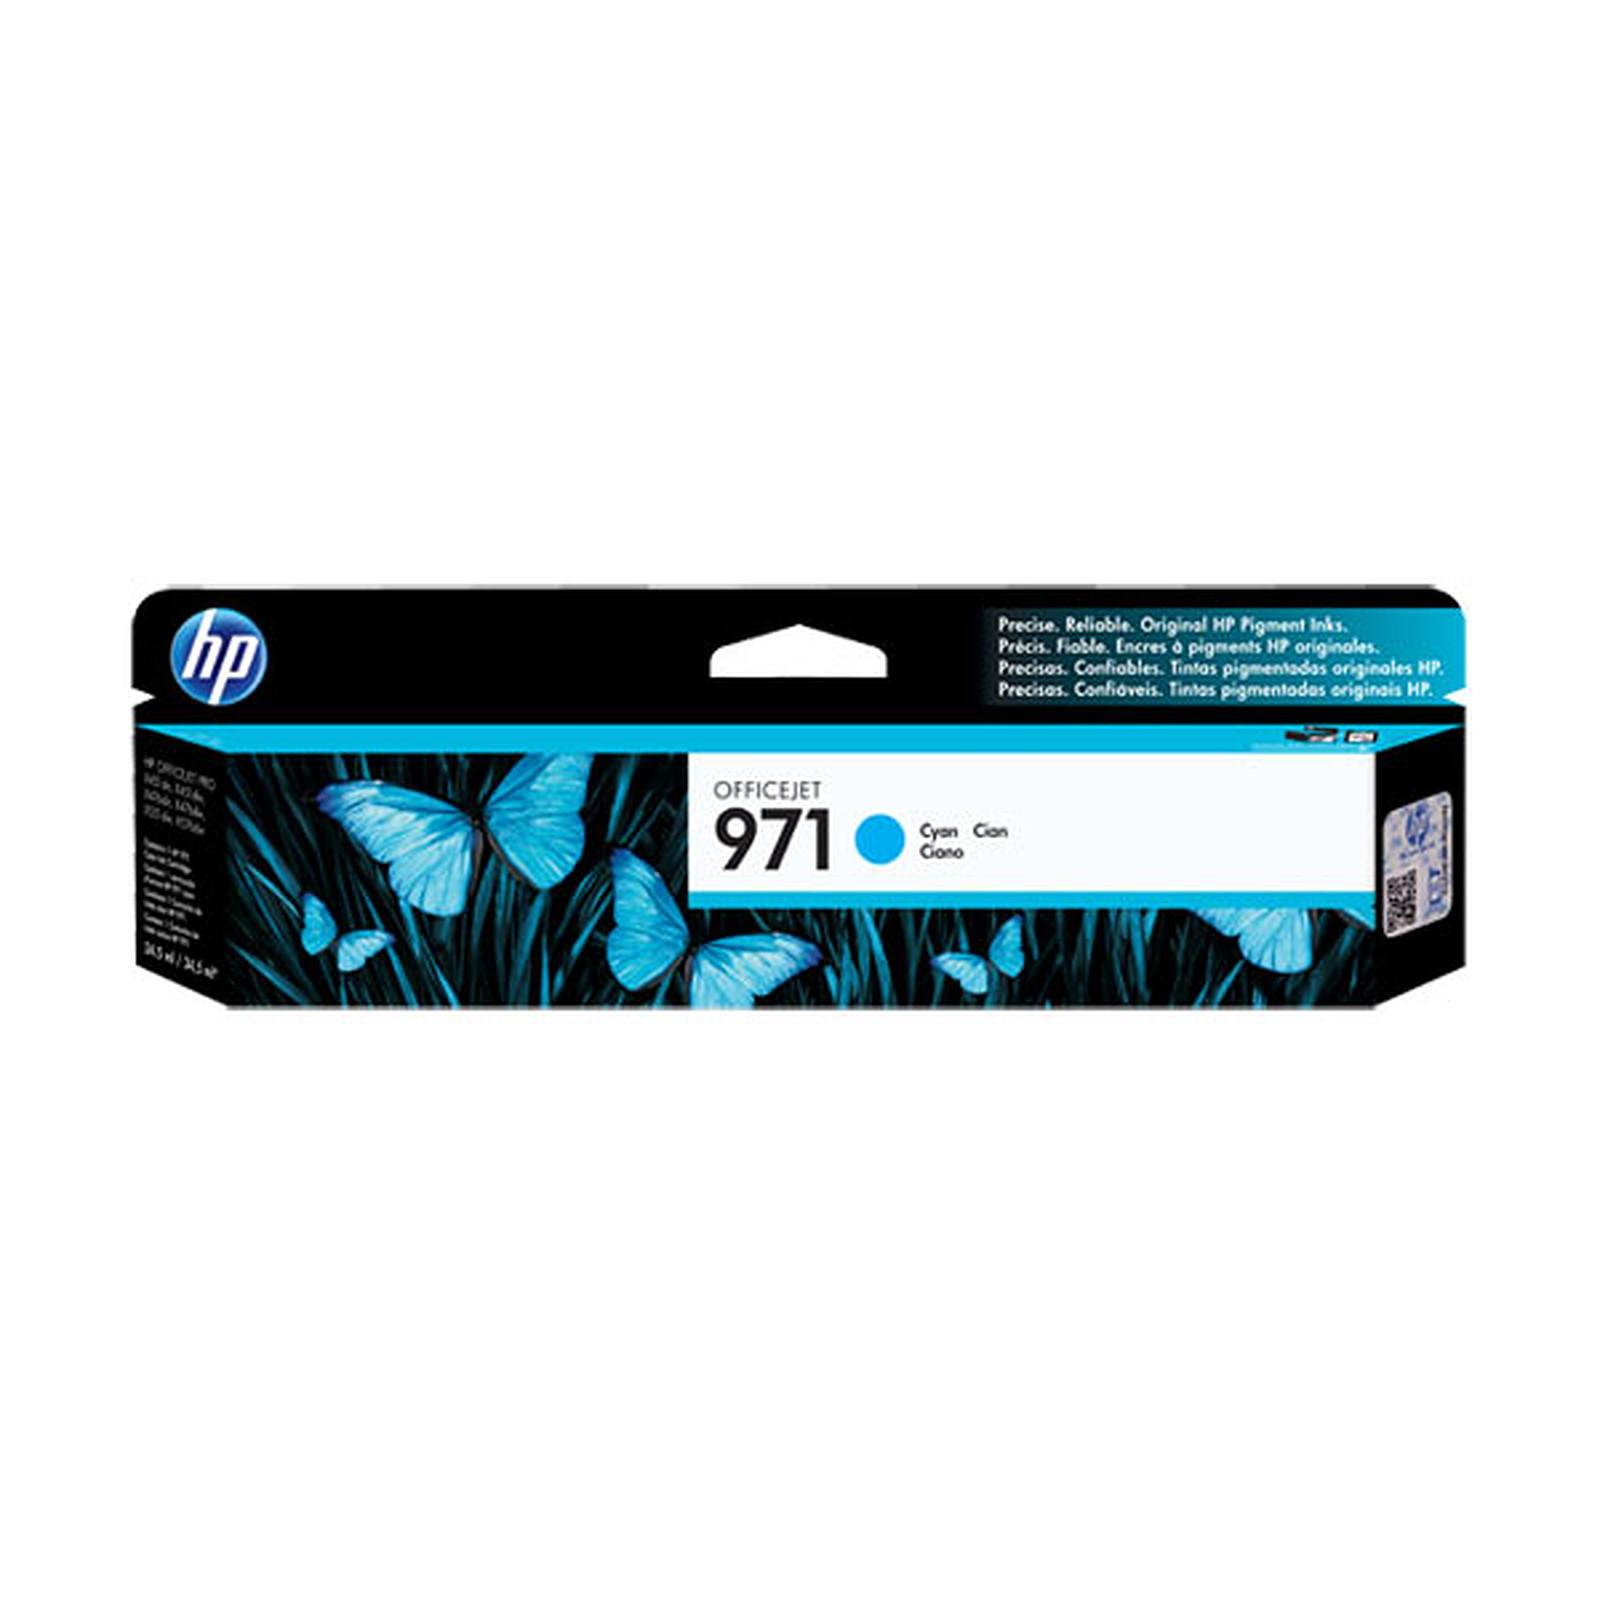 HP Officejet 971 - Cyan